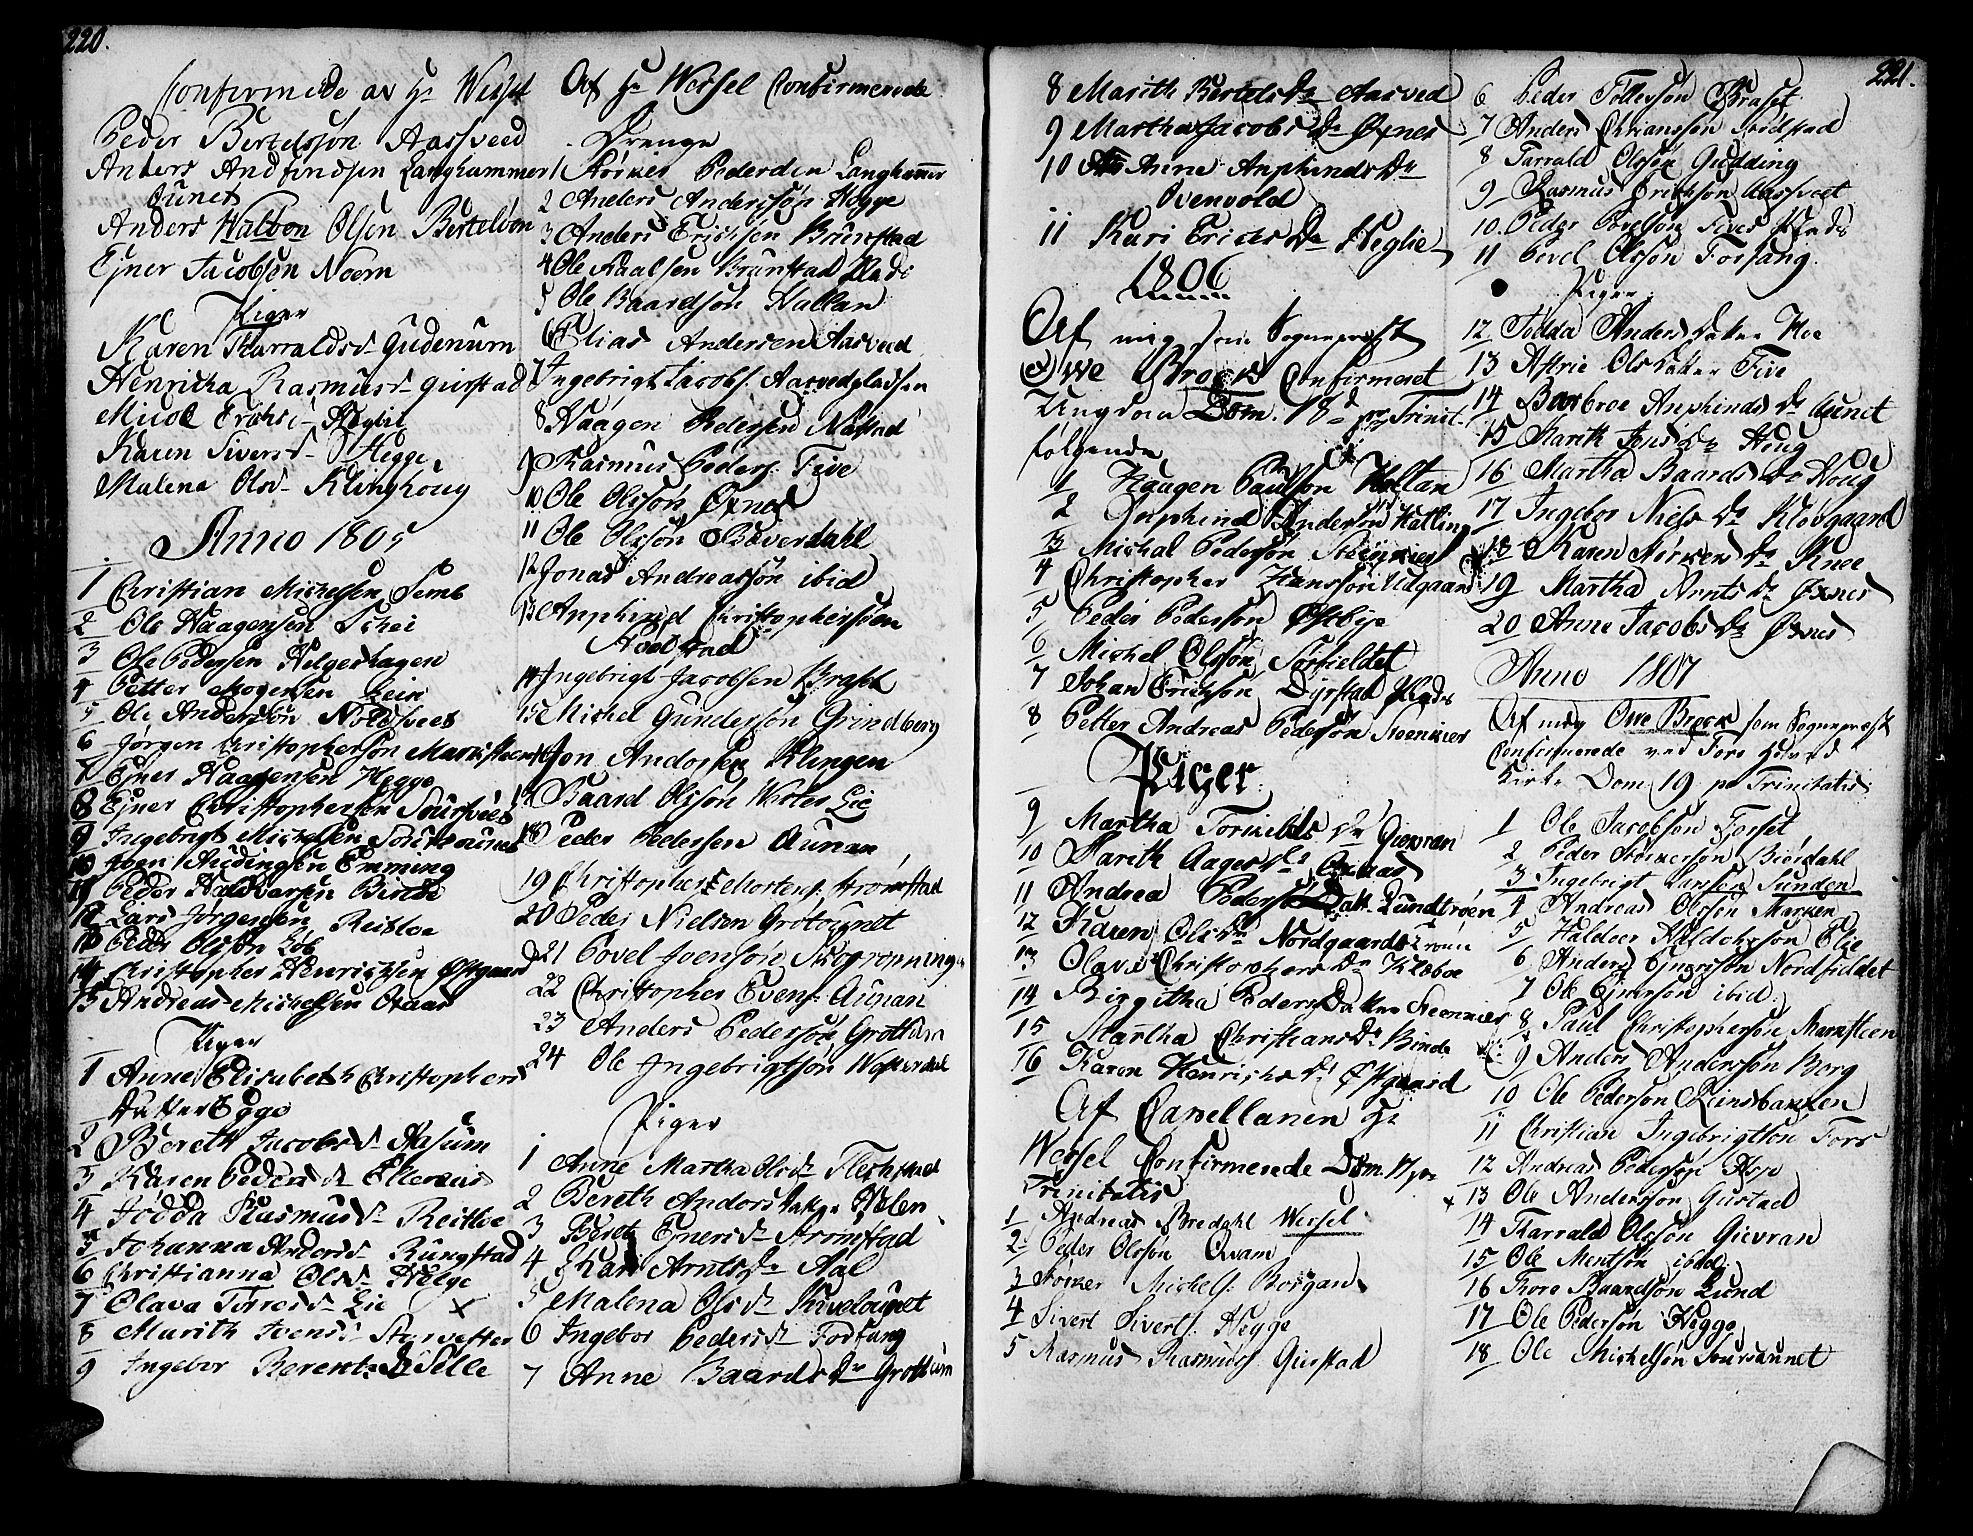 SAT, Ministerialprotokoller, klokkerbøker og fødselsregistre - Nord-Trøndelag, 746/L0440: Ministerialbok nr. 746A02, 1760-1815, s. 220-221